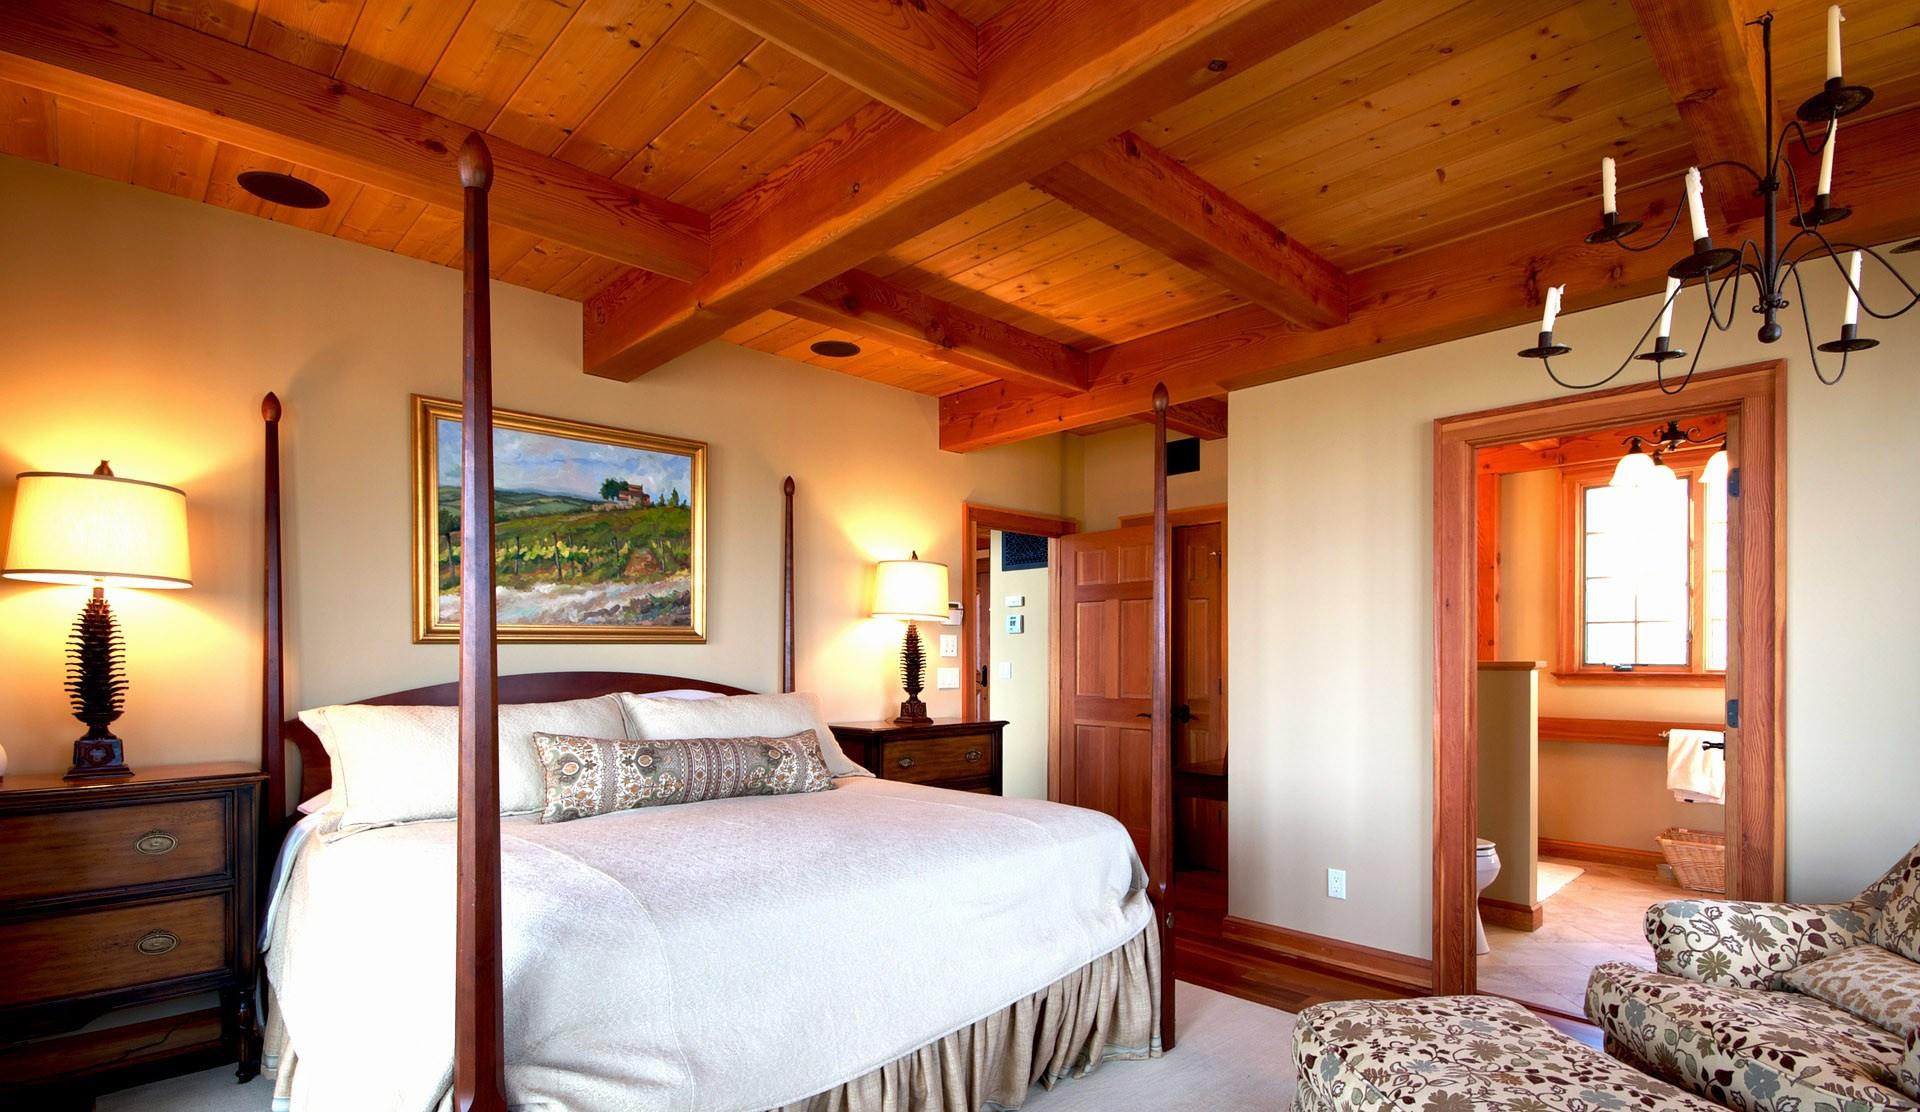 30 techos de madera de interior no te lo pierdas for Colores para techos de casas